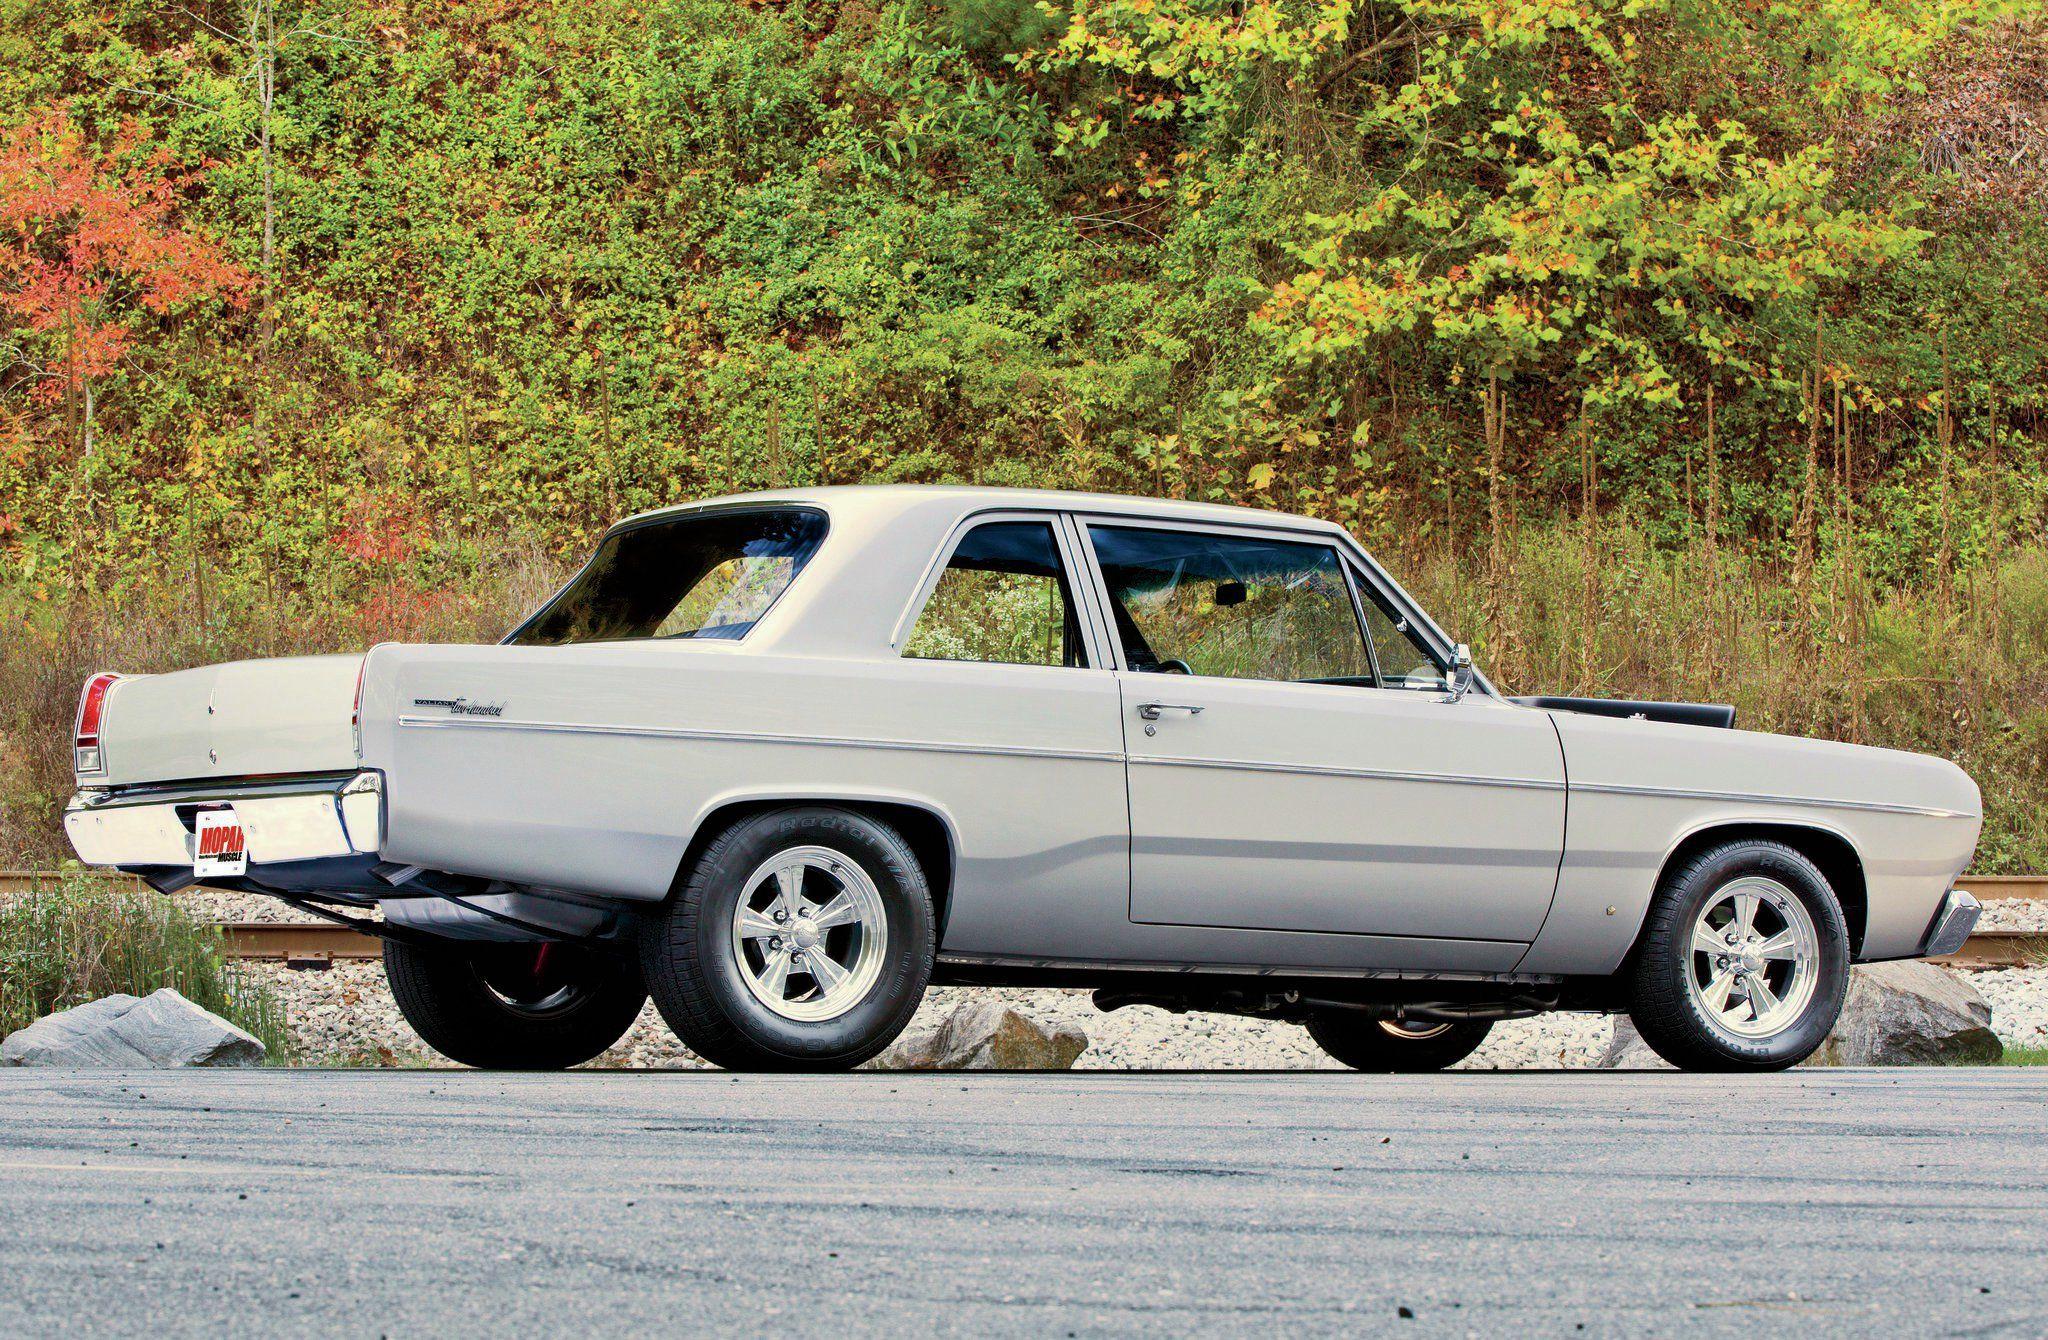 1968 plymouth valiant http tatjanaalic14 wixsite com mystore shop tatjana ali pinterest carros antigos